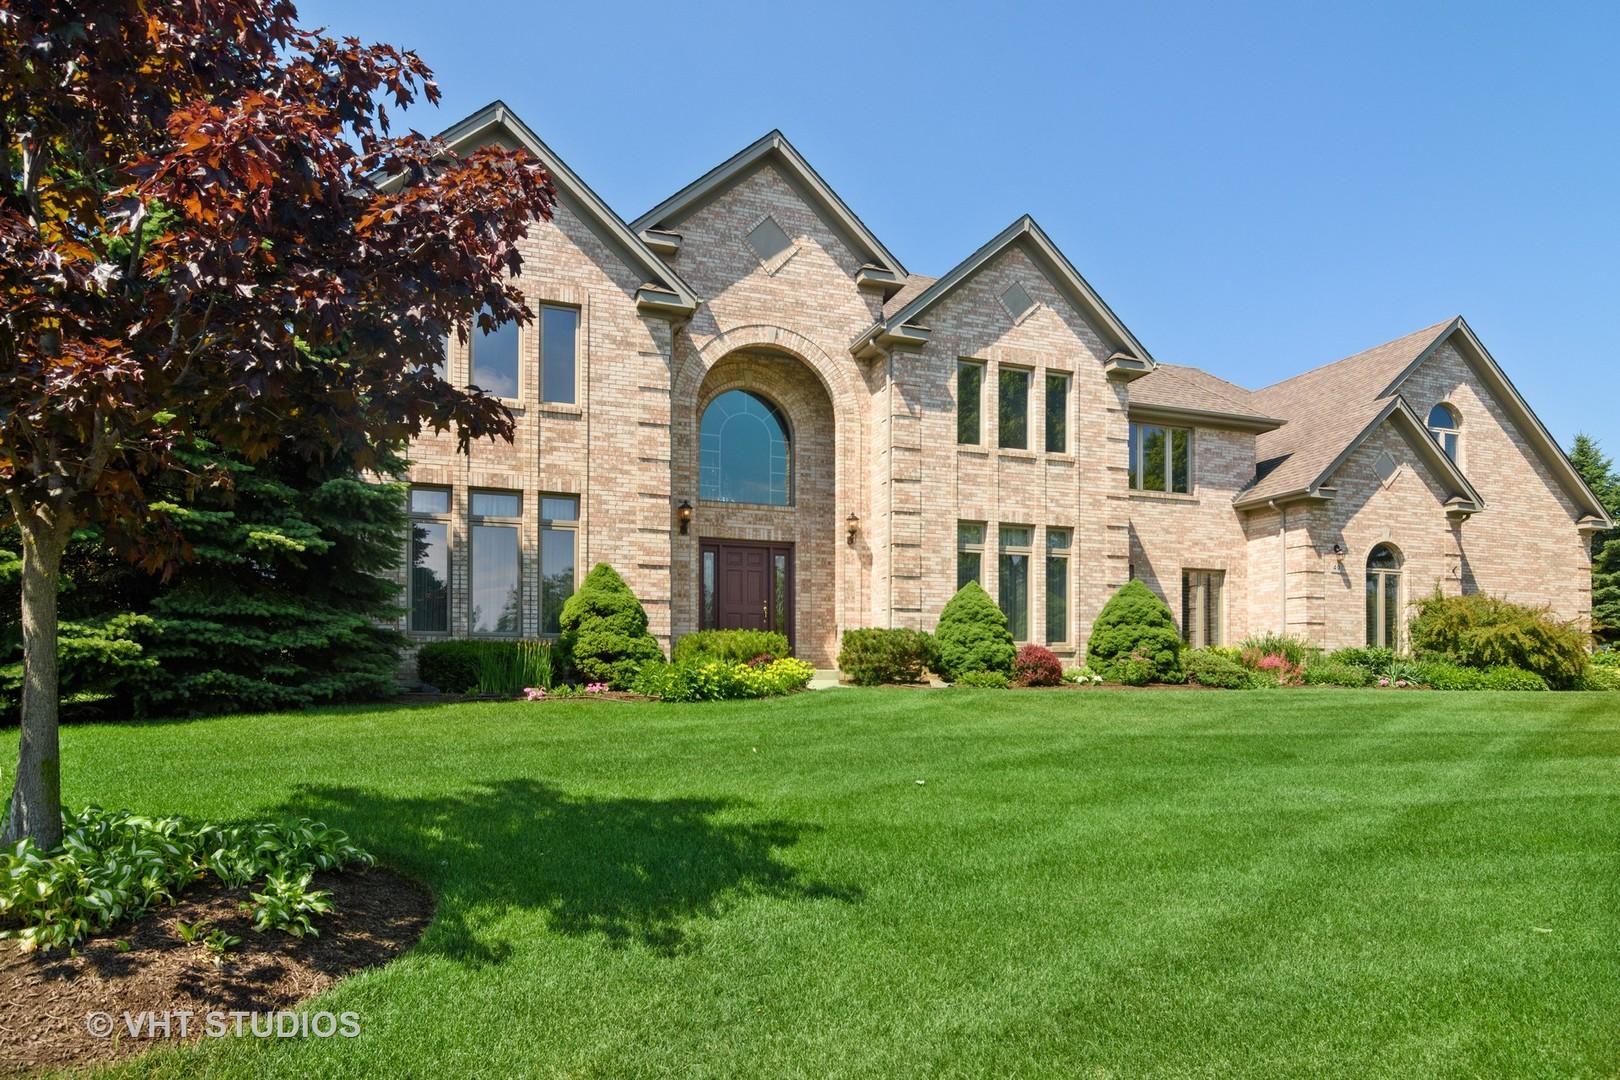 49 Park View Lane, Hawthorn Woods, IL 60047